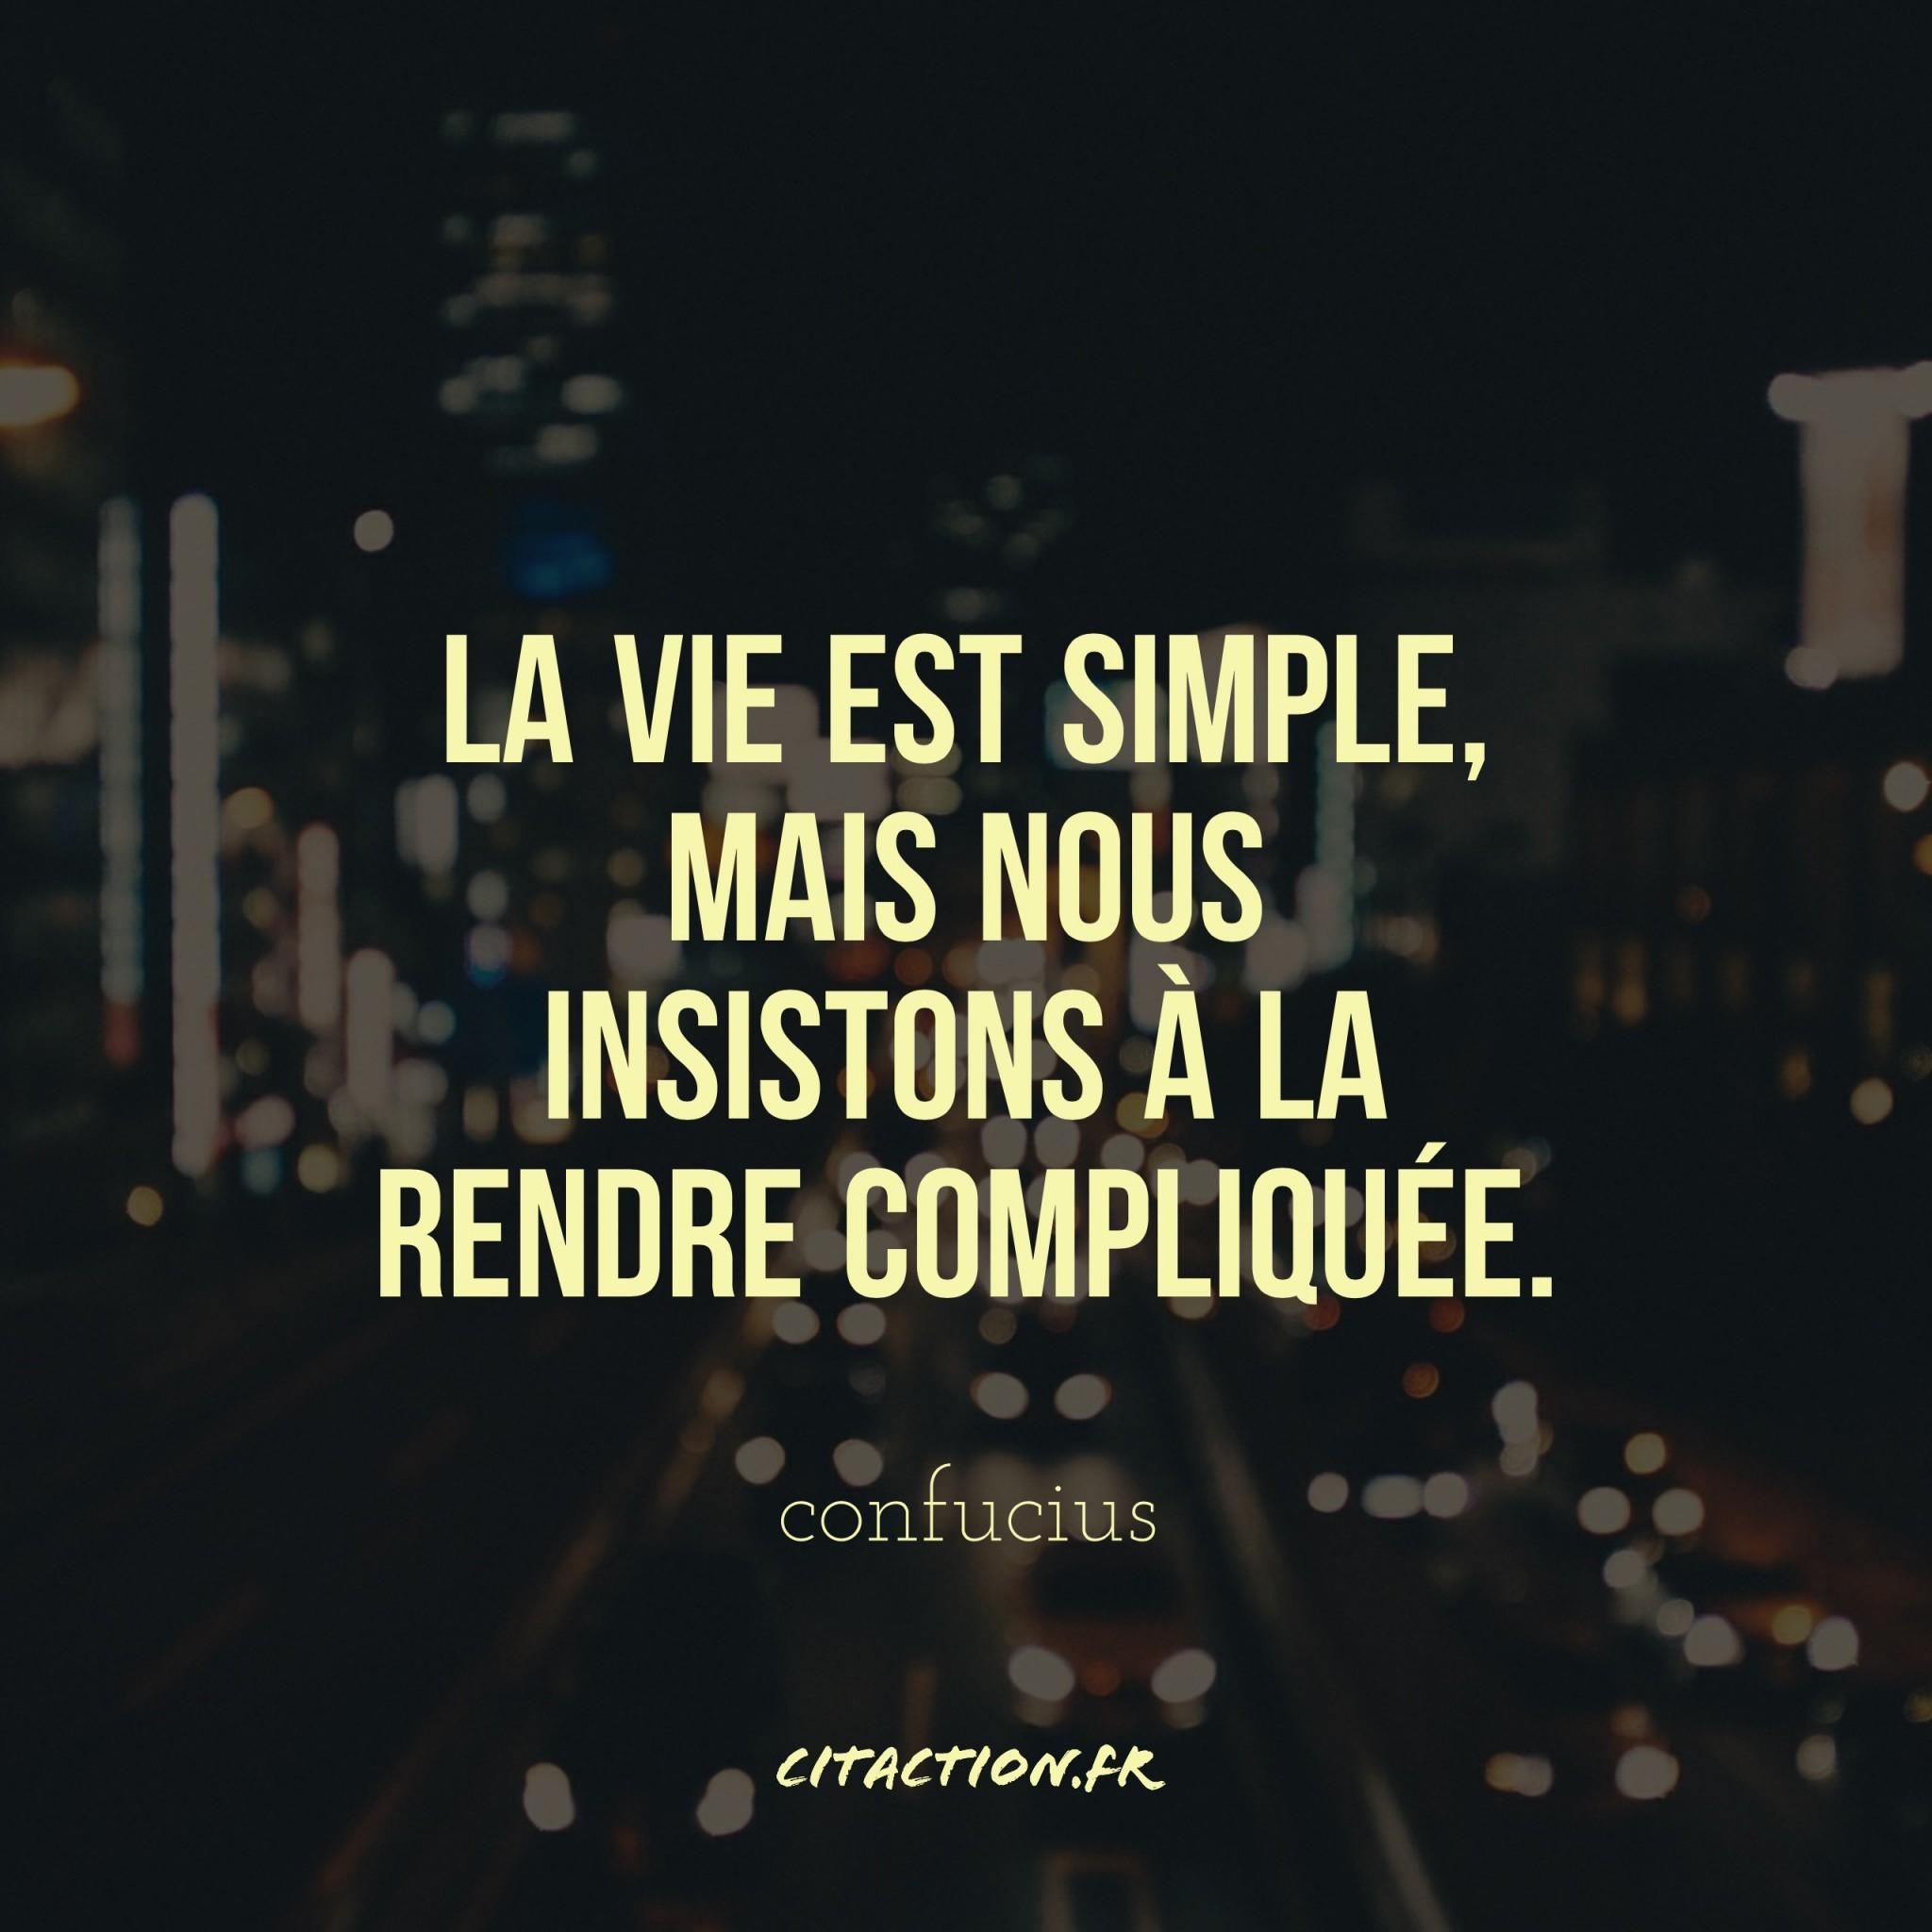 La vie est simple, mais nous insistons à la rendre compliquée.